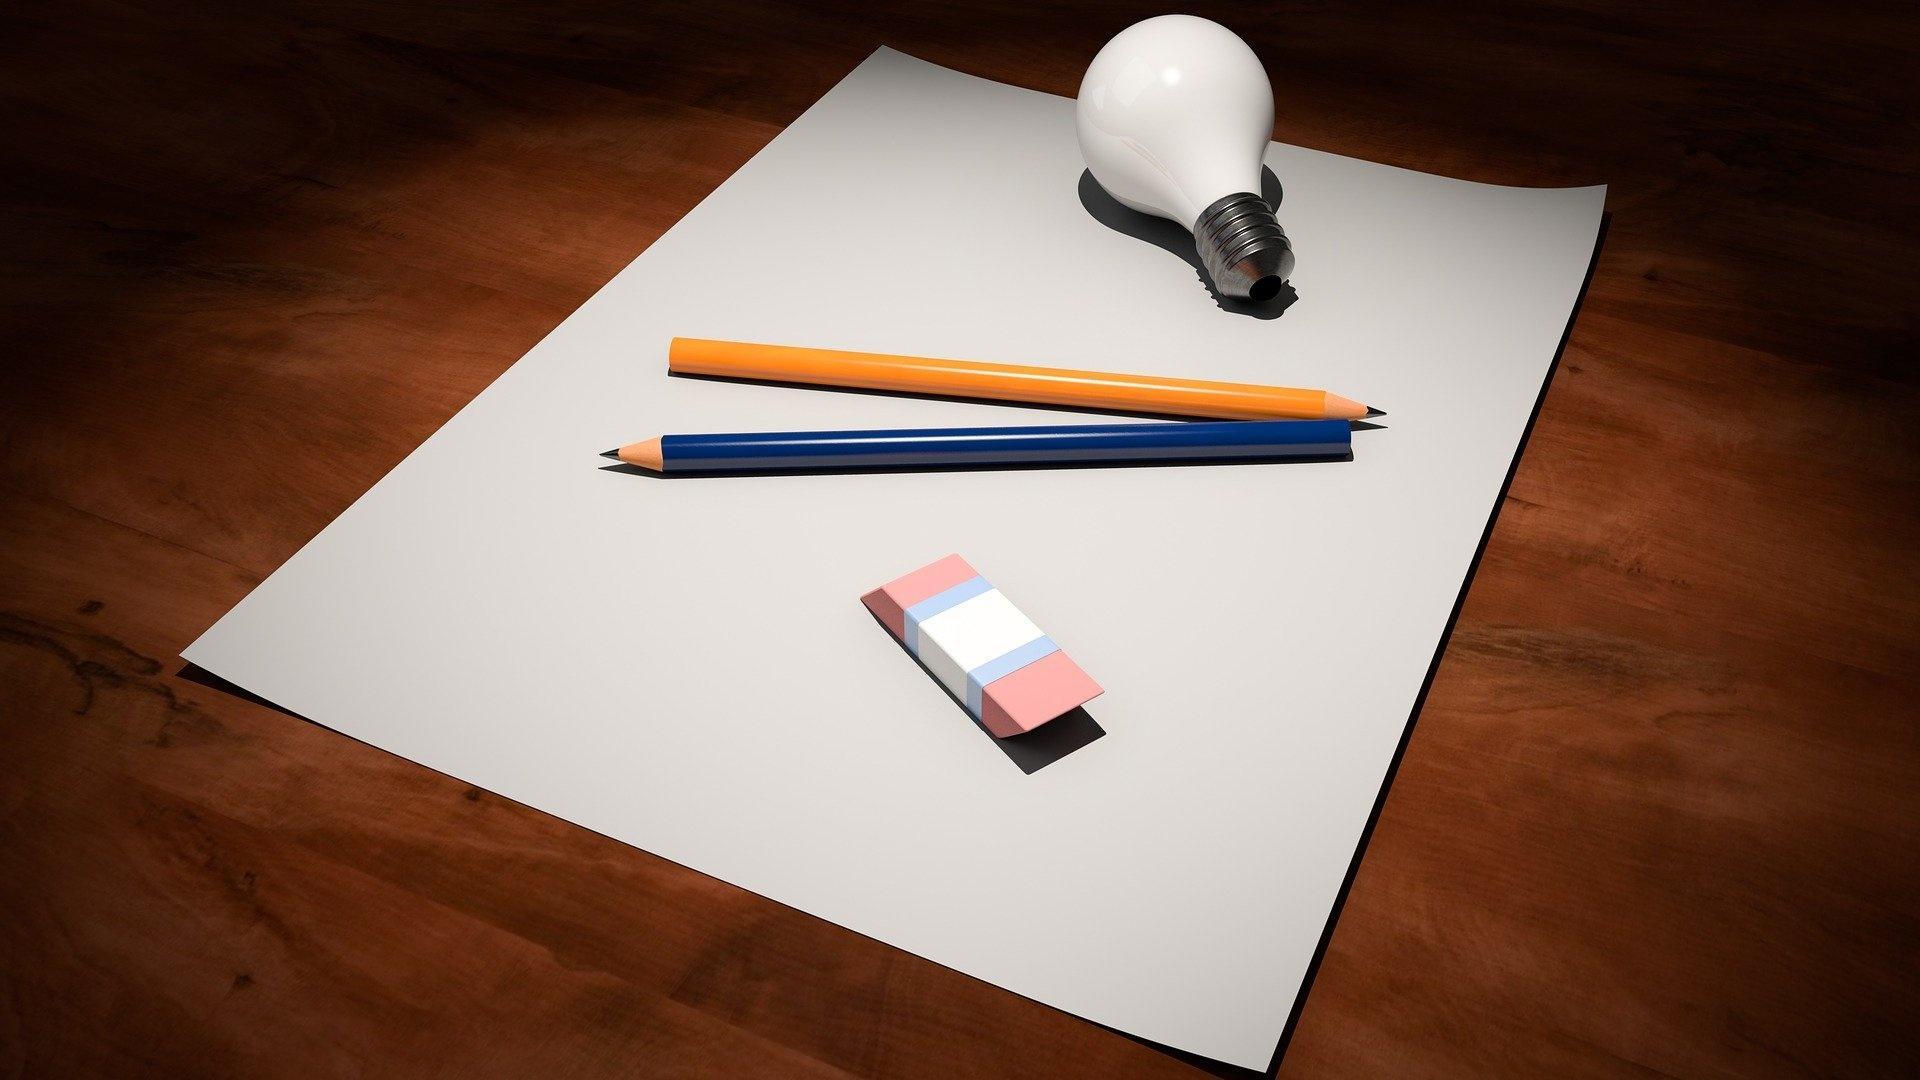 Kekse zeichnen: Anleitung, Tipps und Tricks